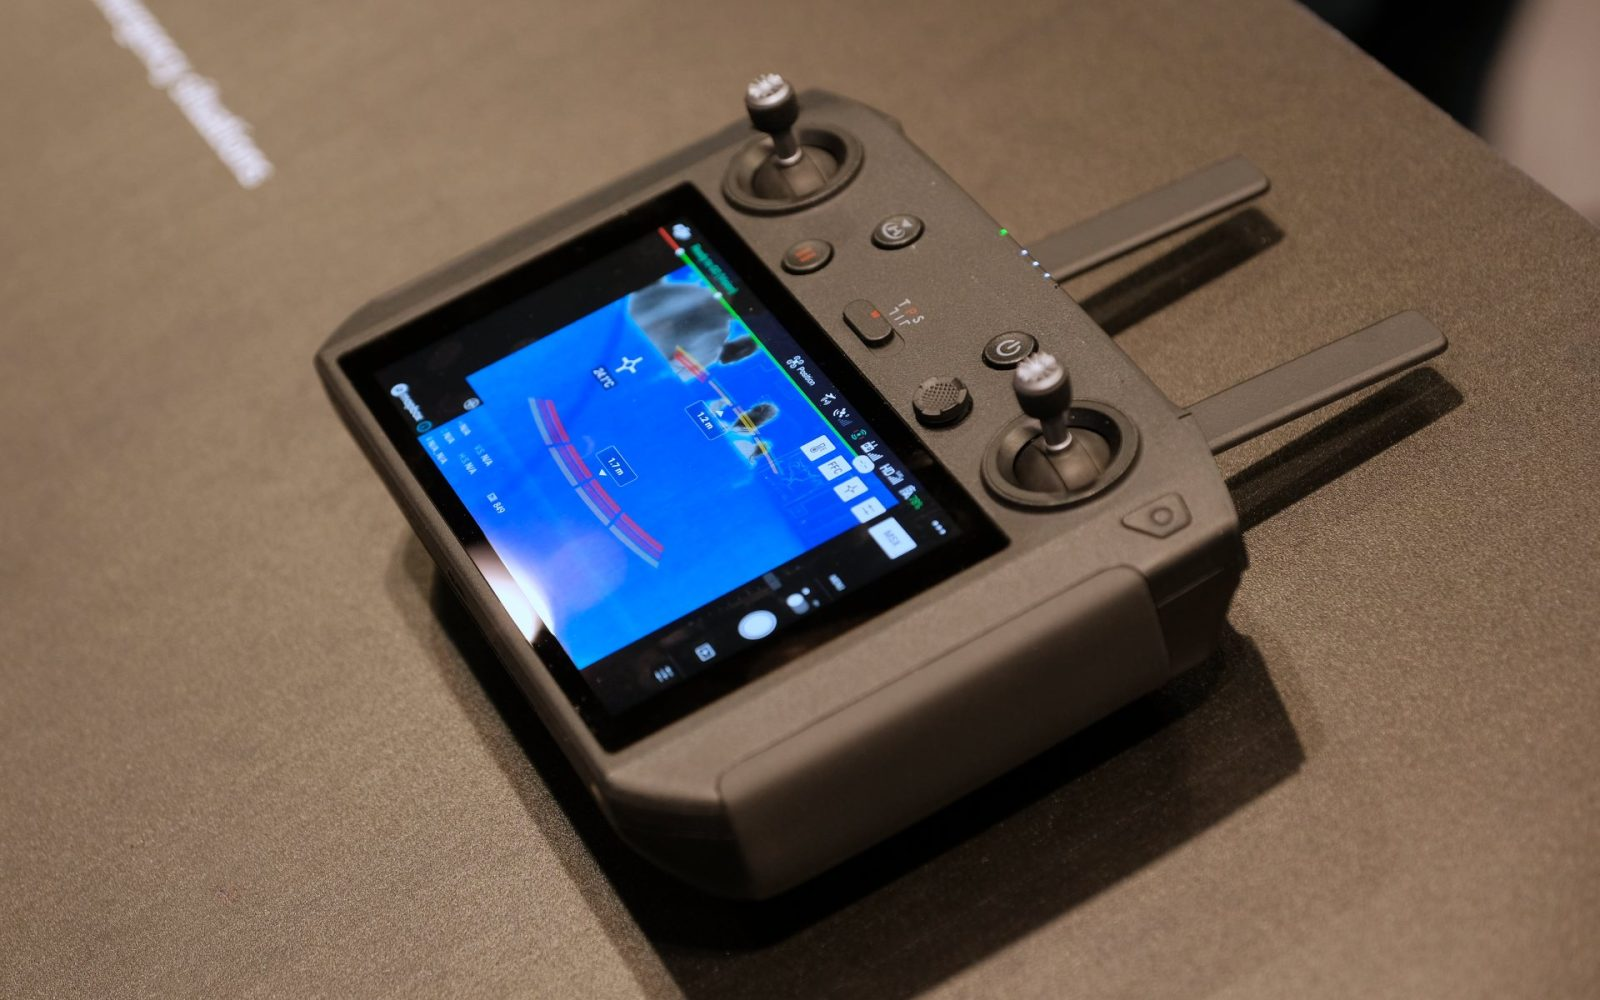 DJI Rumors: DJI Smart Controller crucial to success Mavic 2 - DroneDJ